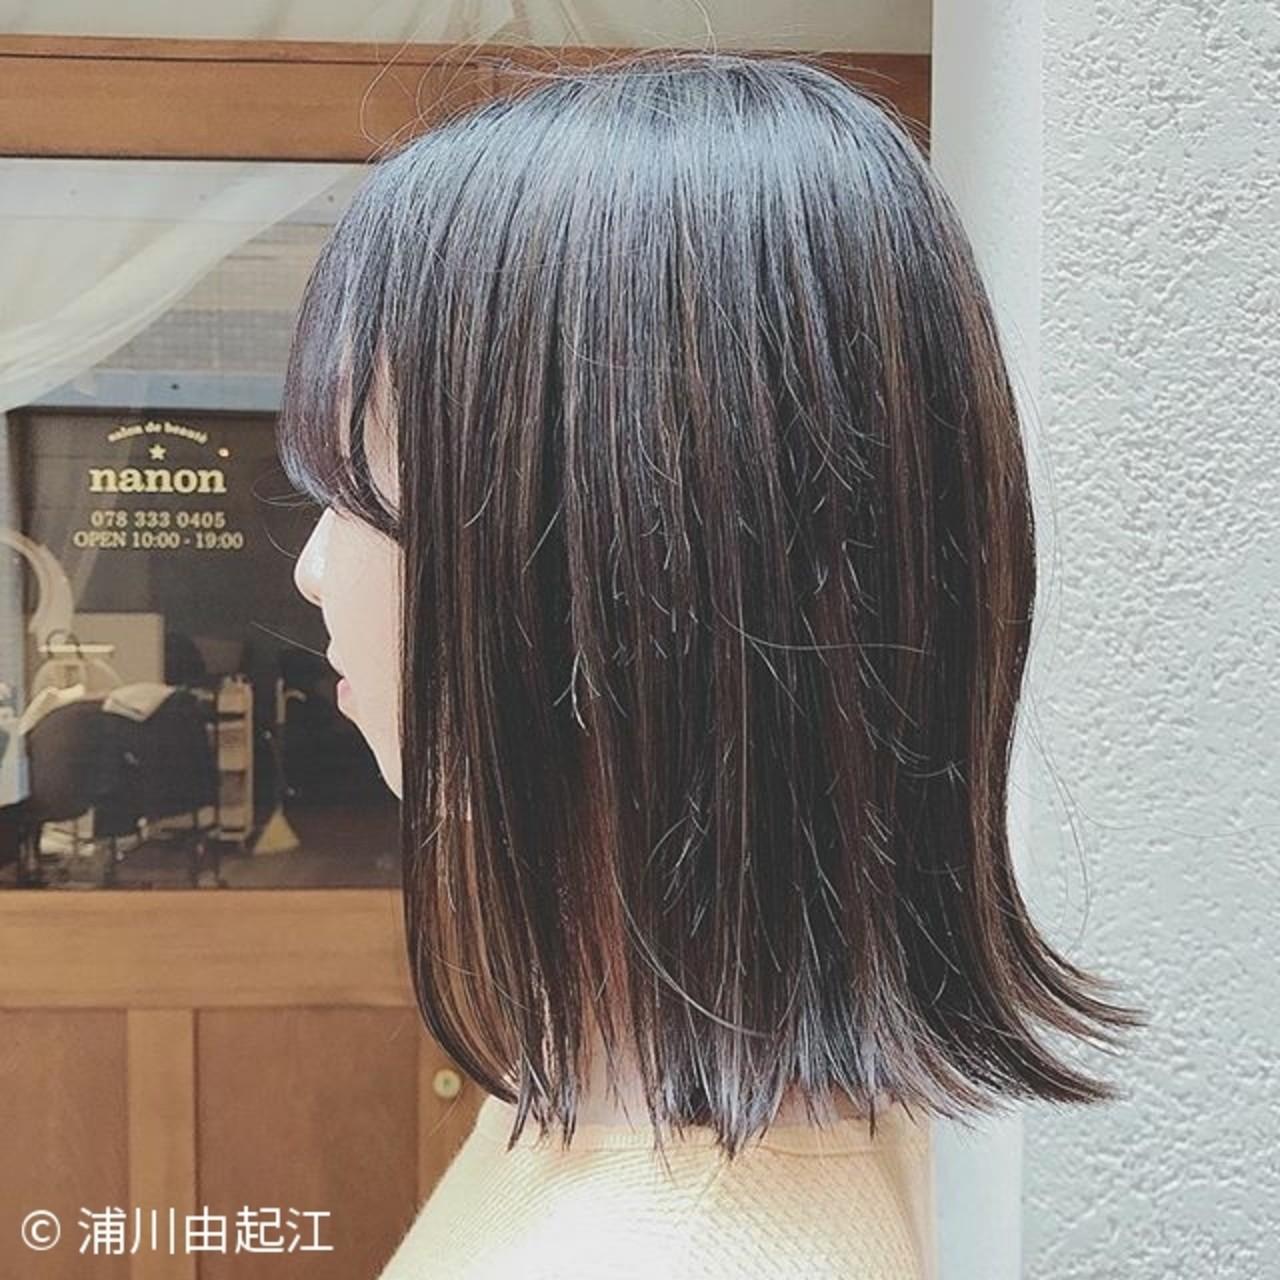 ゆるふわ ハイライト デート 大人かわいい ヘアスタイルや髪型の写真・画像 | 浦川由起江 / nanon